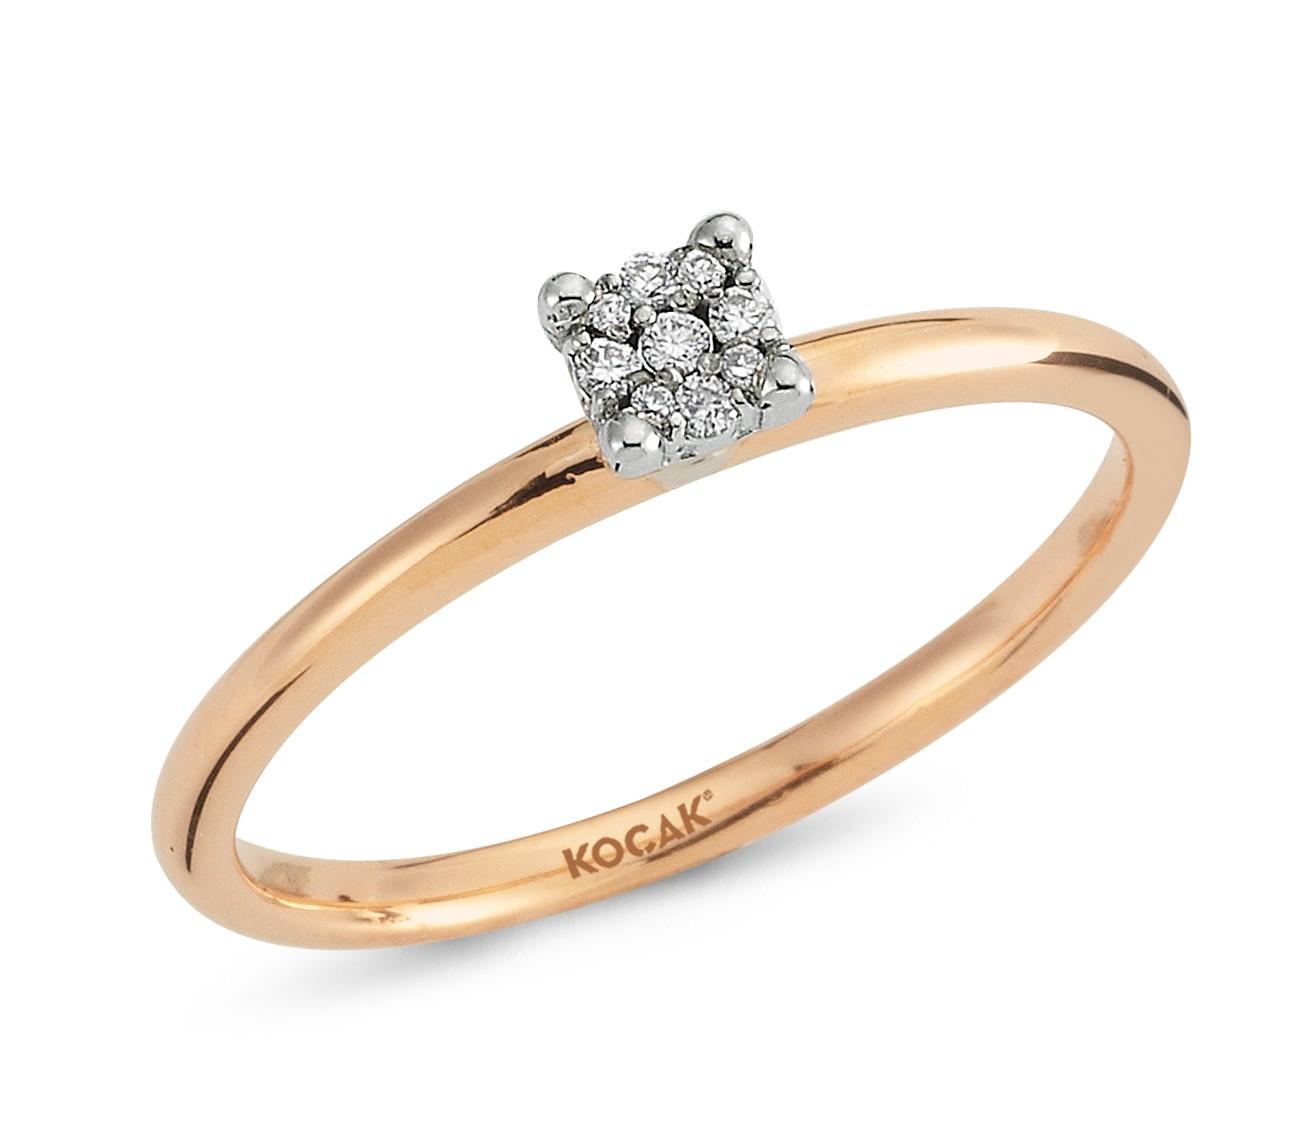 750 Kocak Gold   Rose Diamant Ring